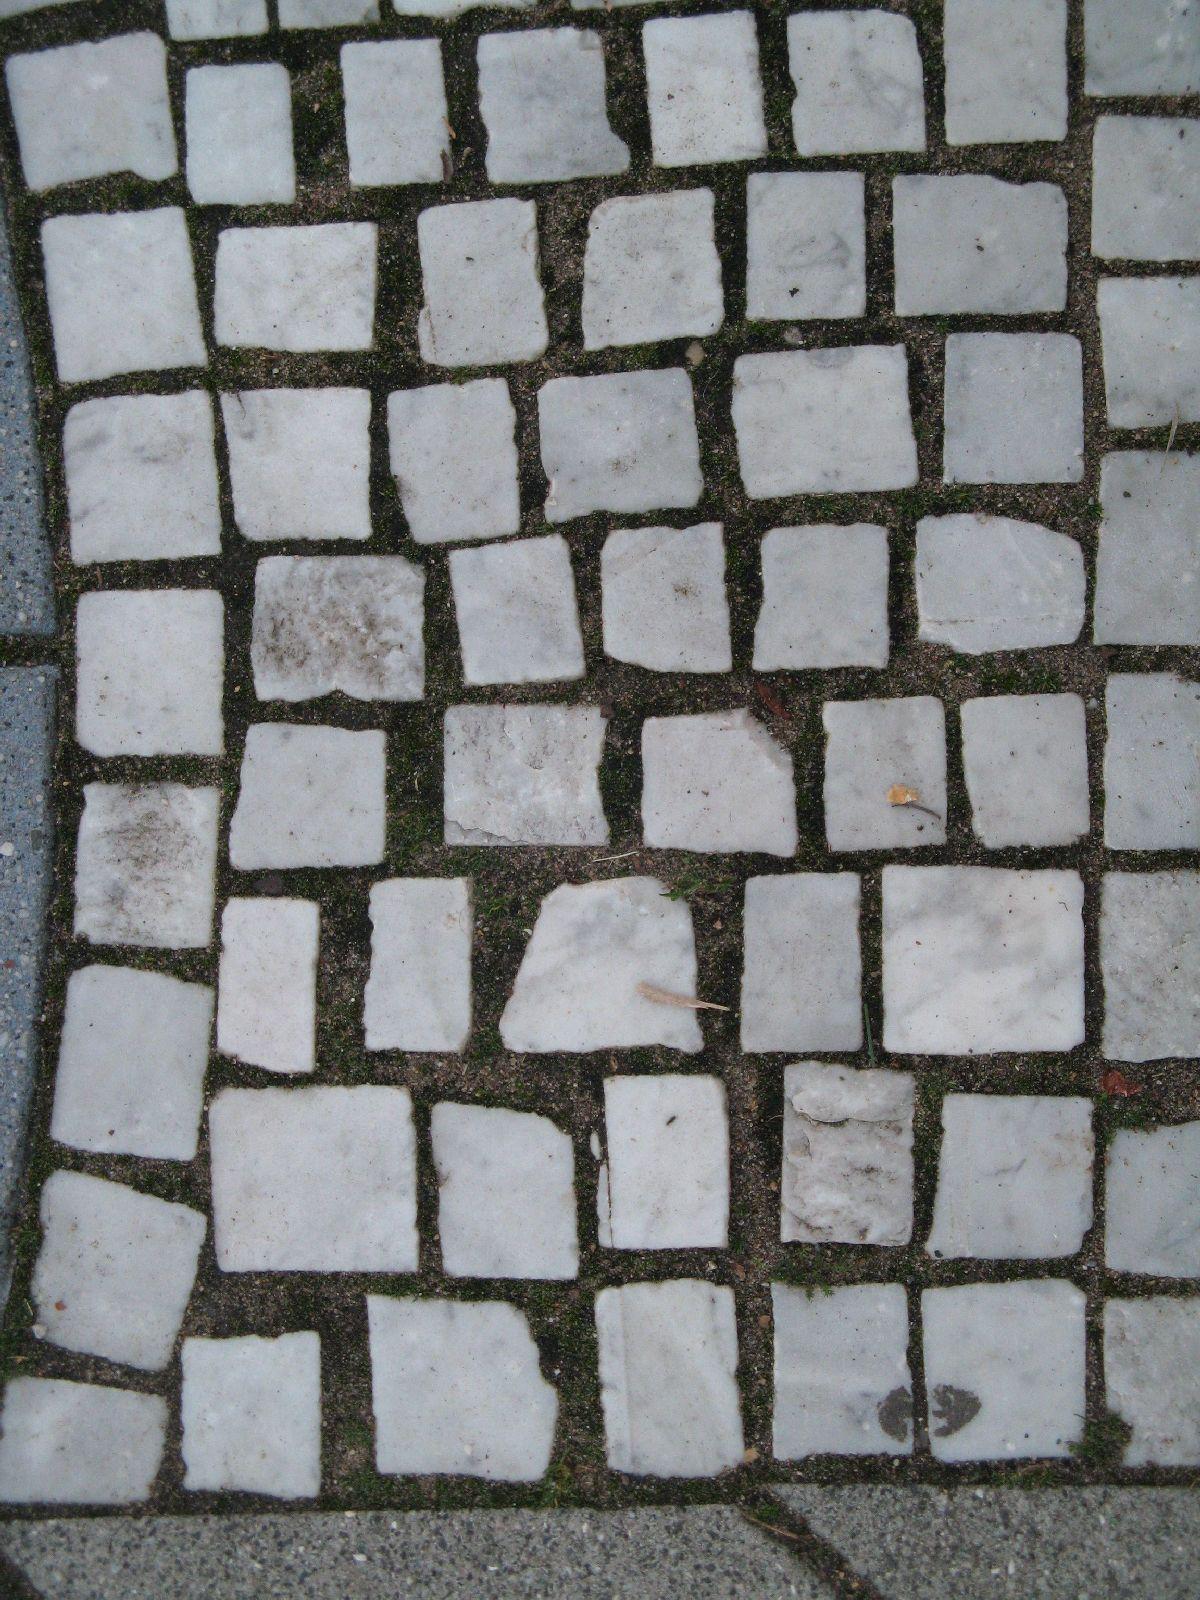 Boden-Gehweg-Strasse-Buergersteig-Textur_B_1130